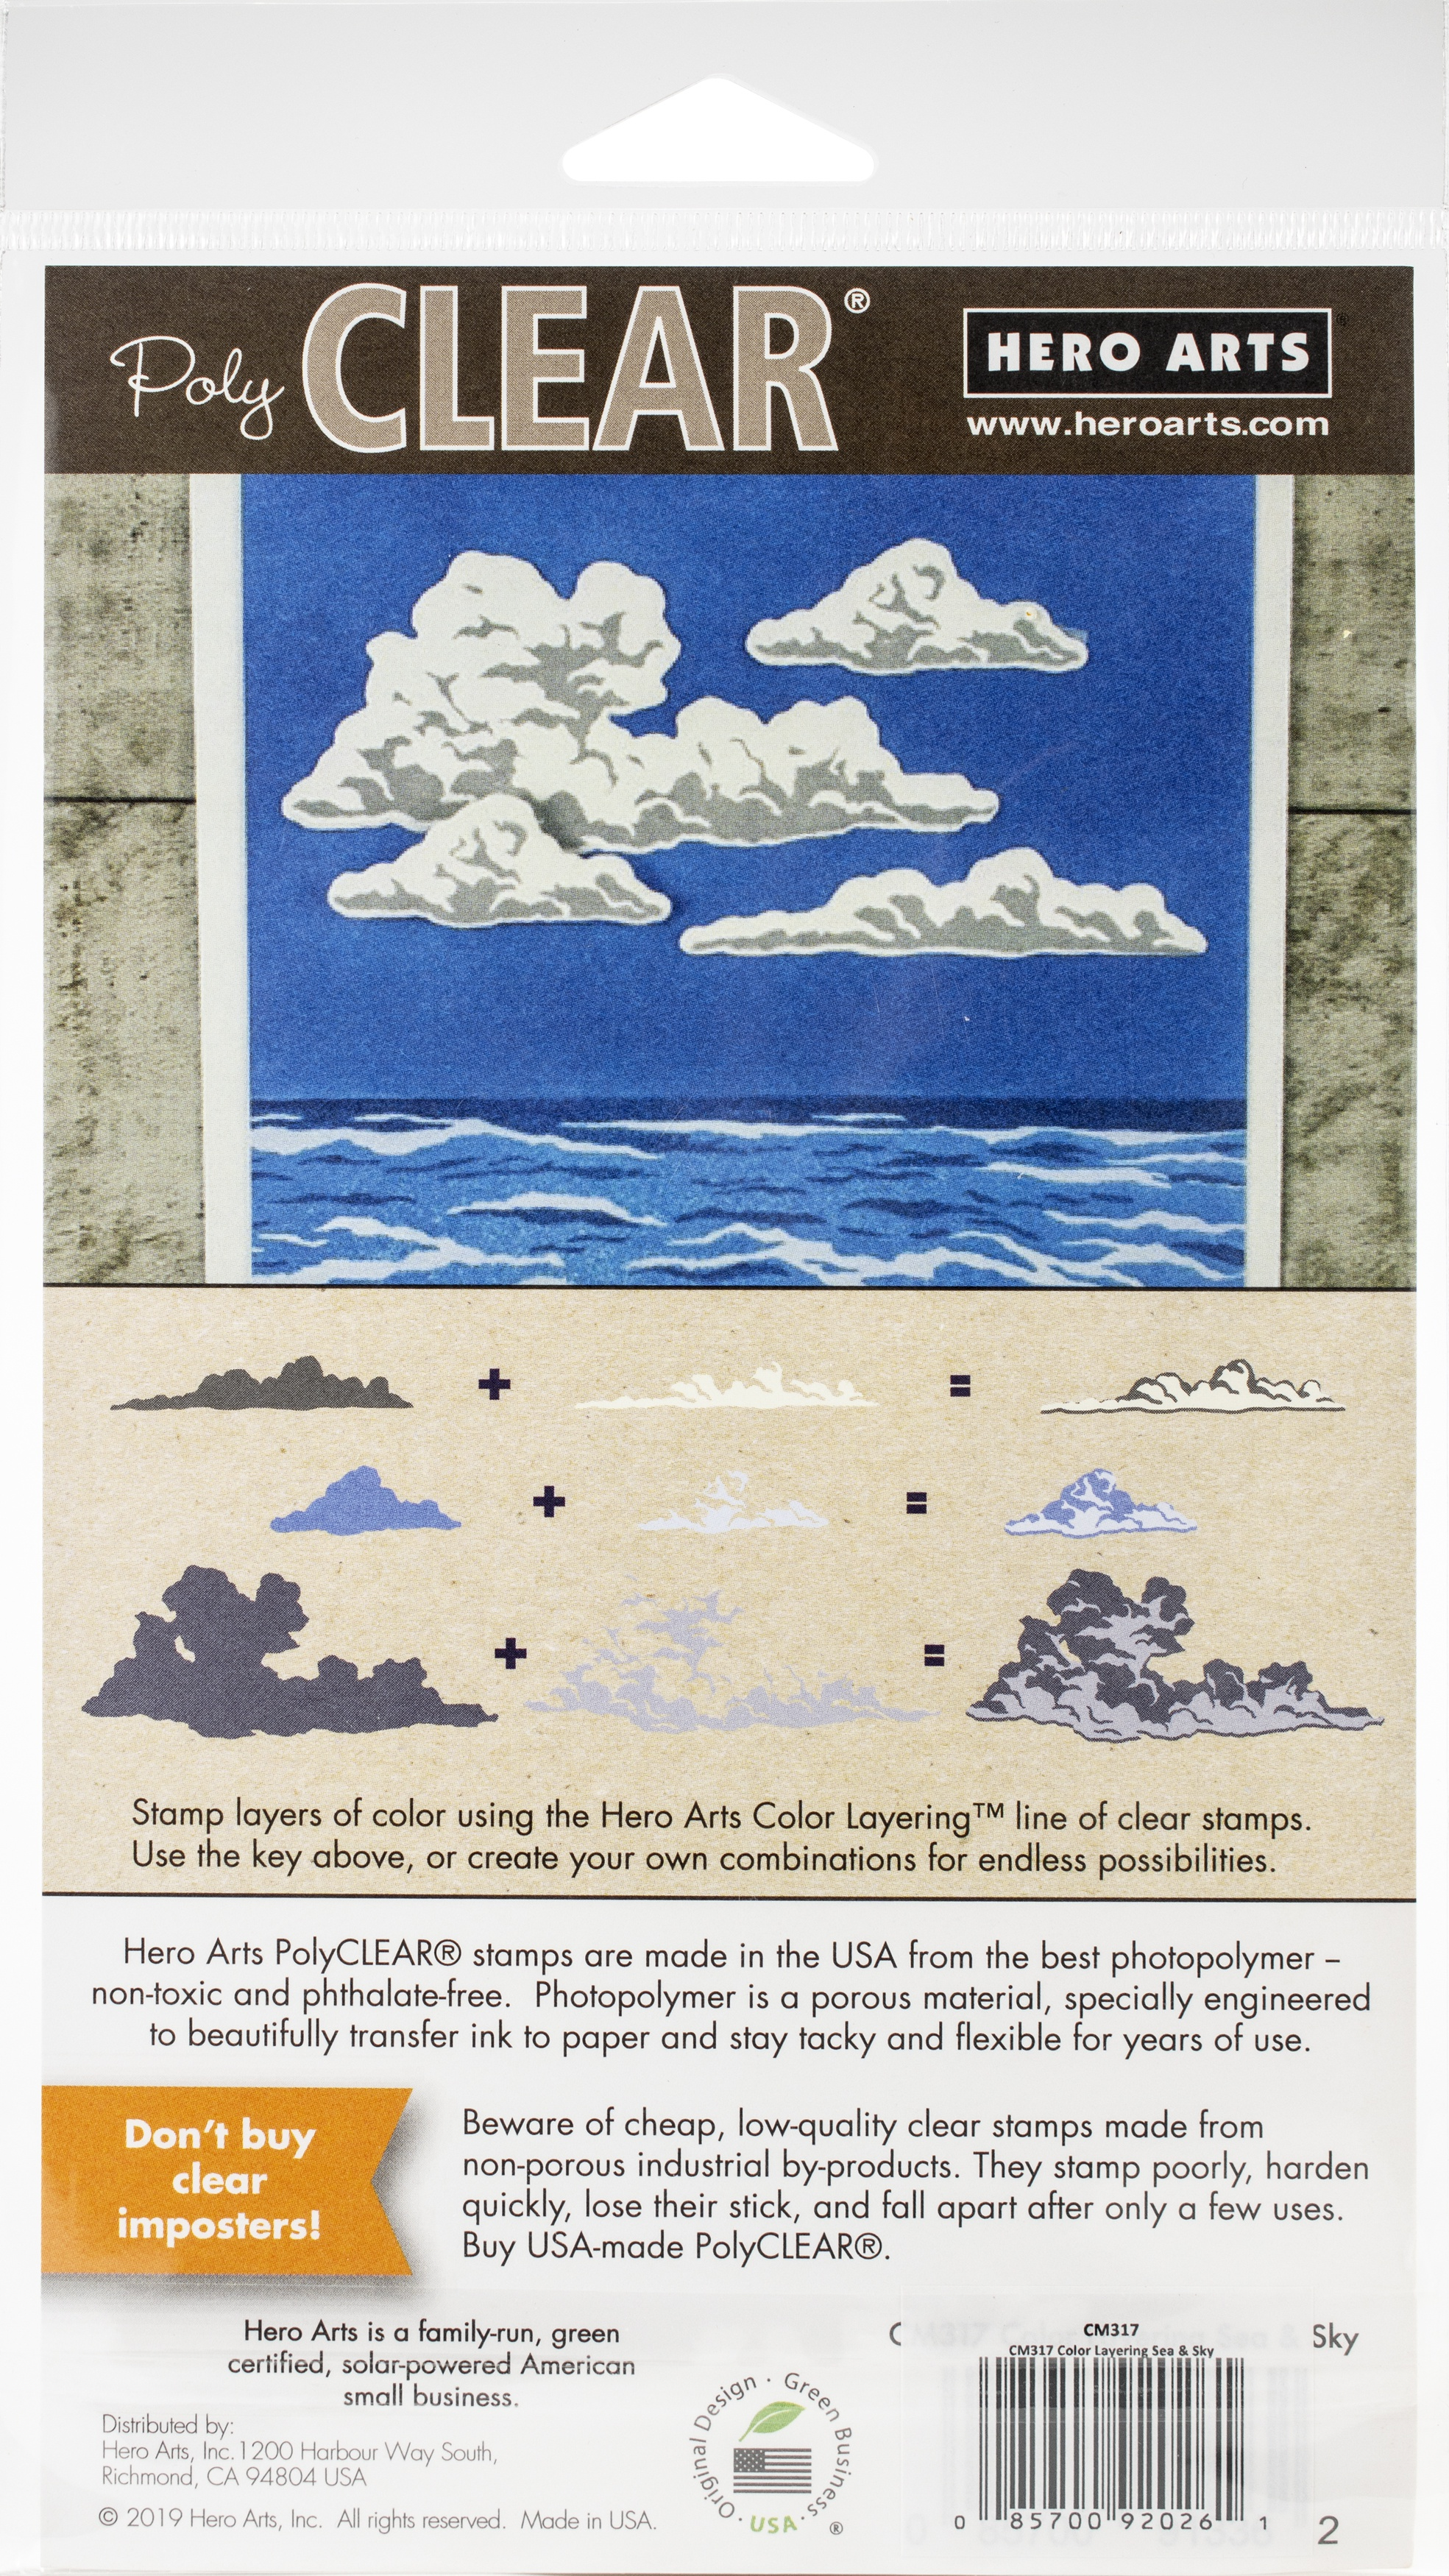 Sea & Sky - Color Layering, Hero Arts